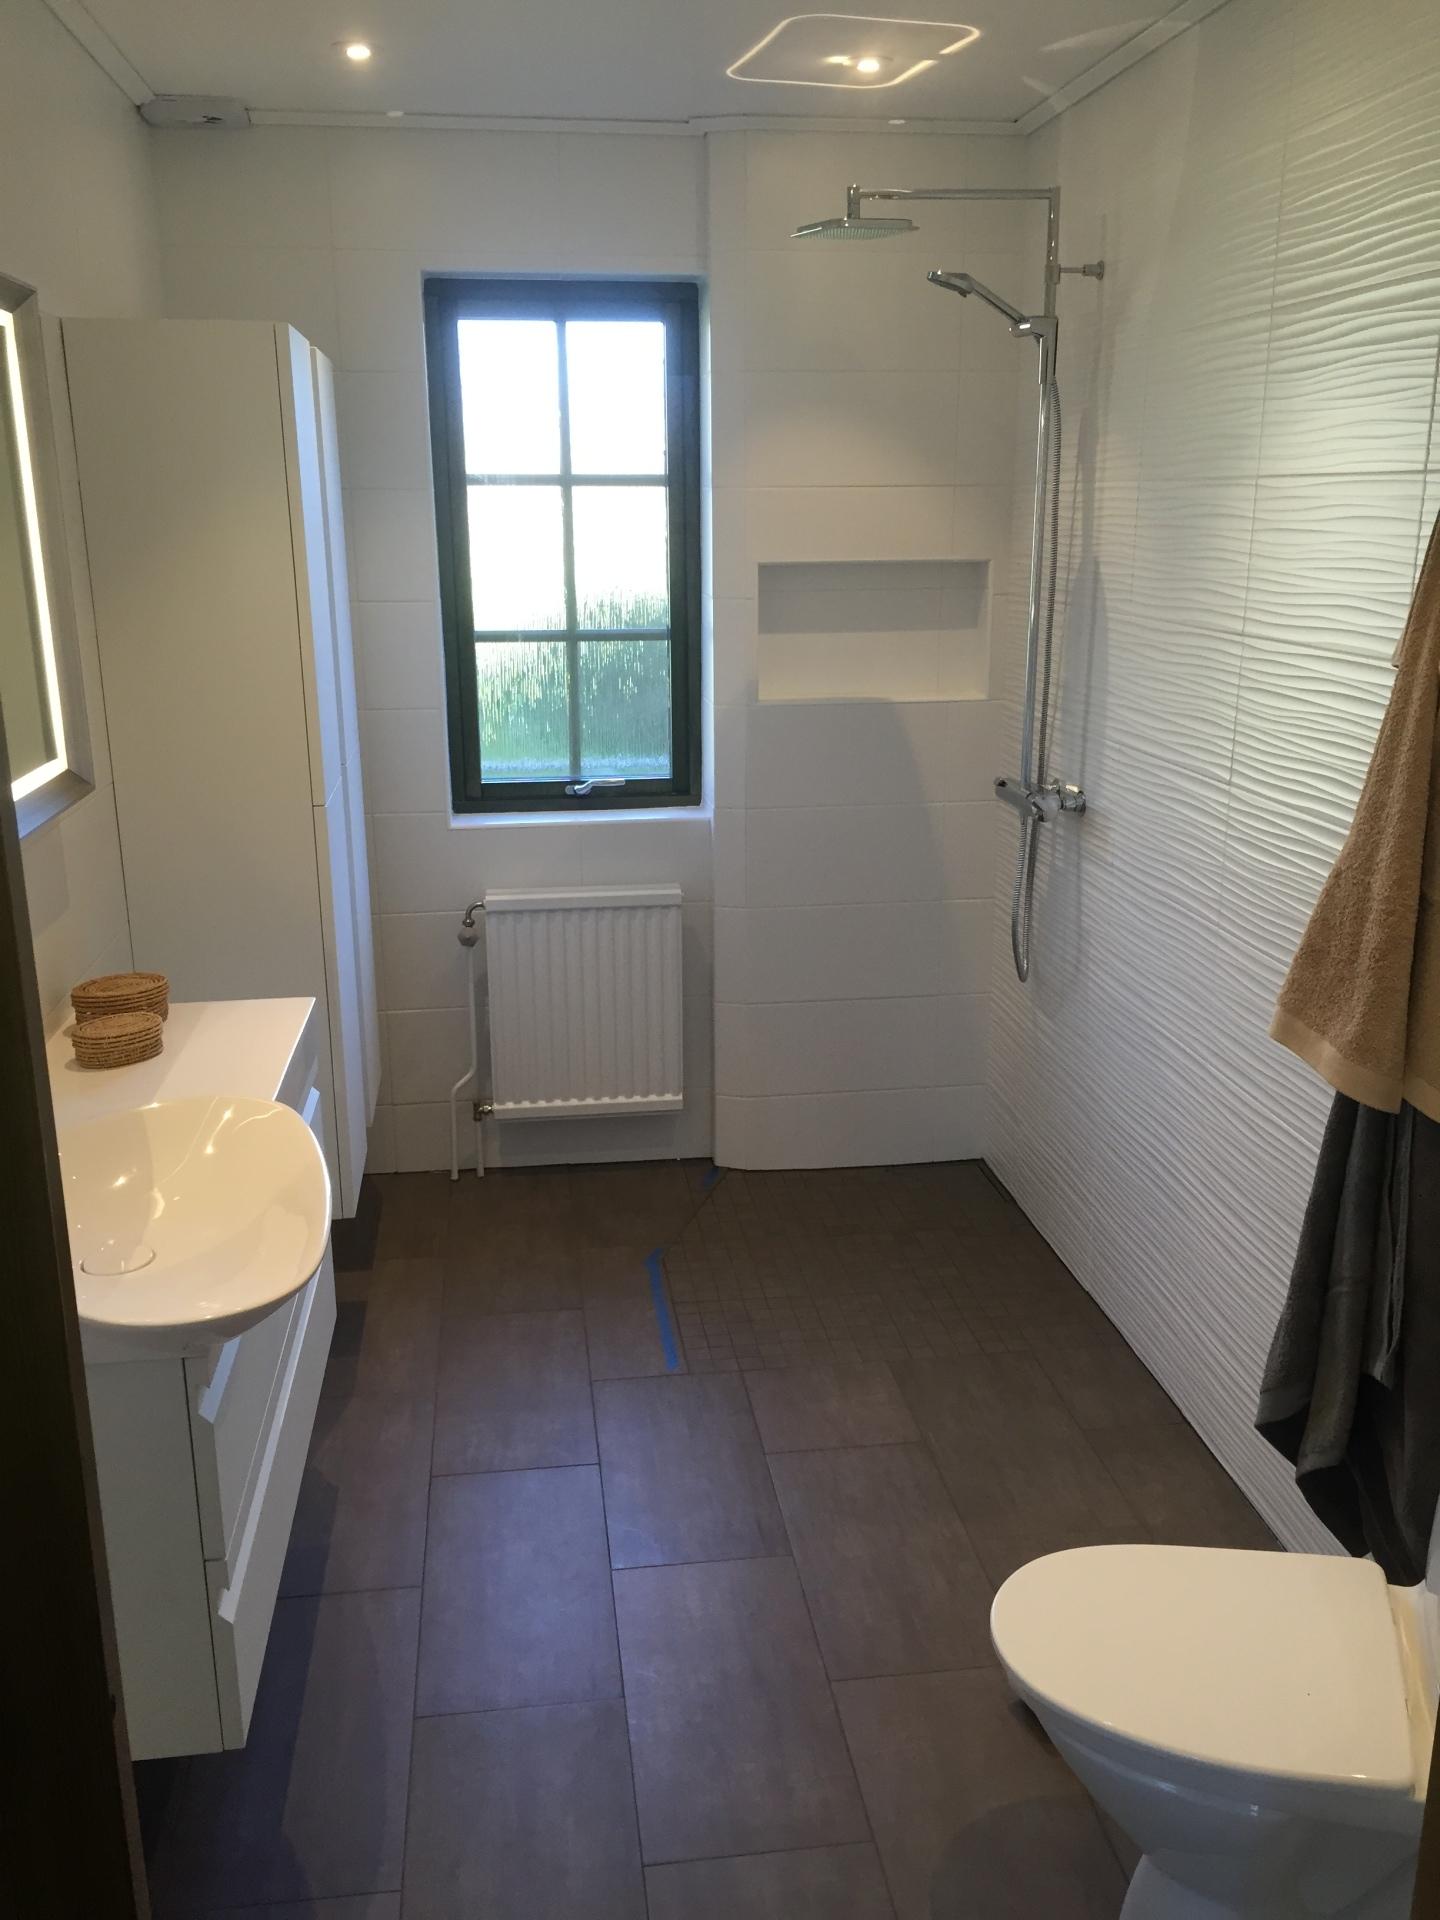 renovering av badrum som utförs av våra snickare